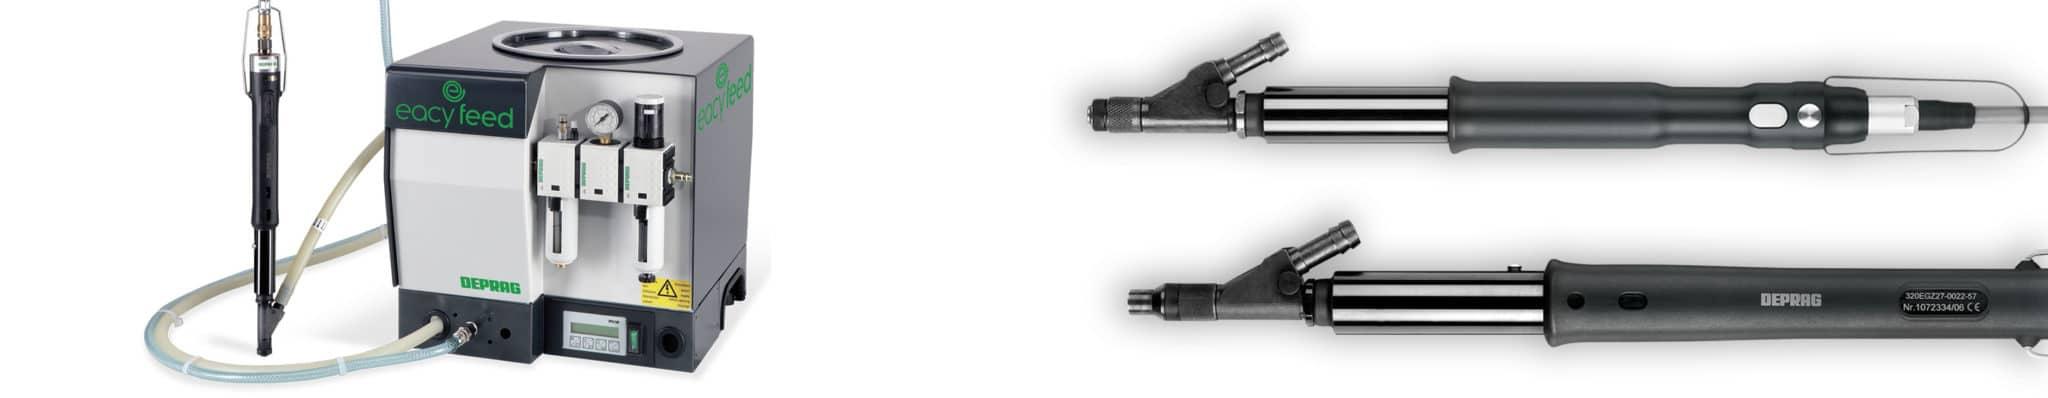 D3820 Toevoertechniek schroevendraaiers